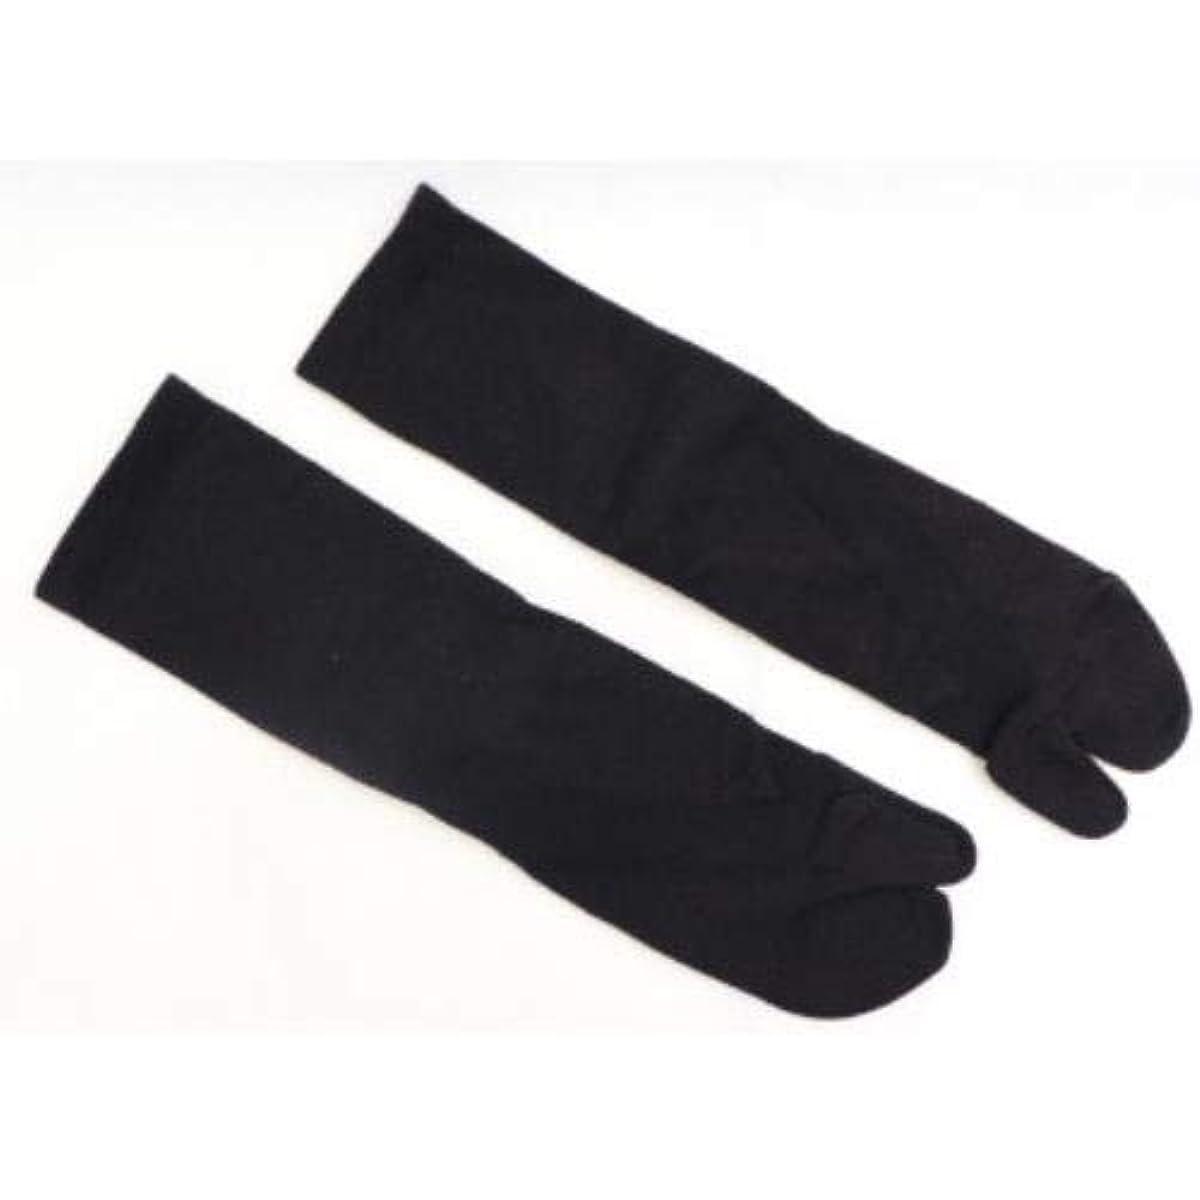 信じられない取り壊す摘むさとう式 フレクサーソックス クルー 黒 (M) 足袋型